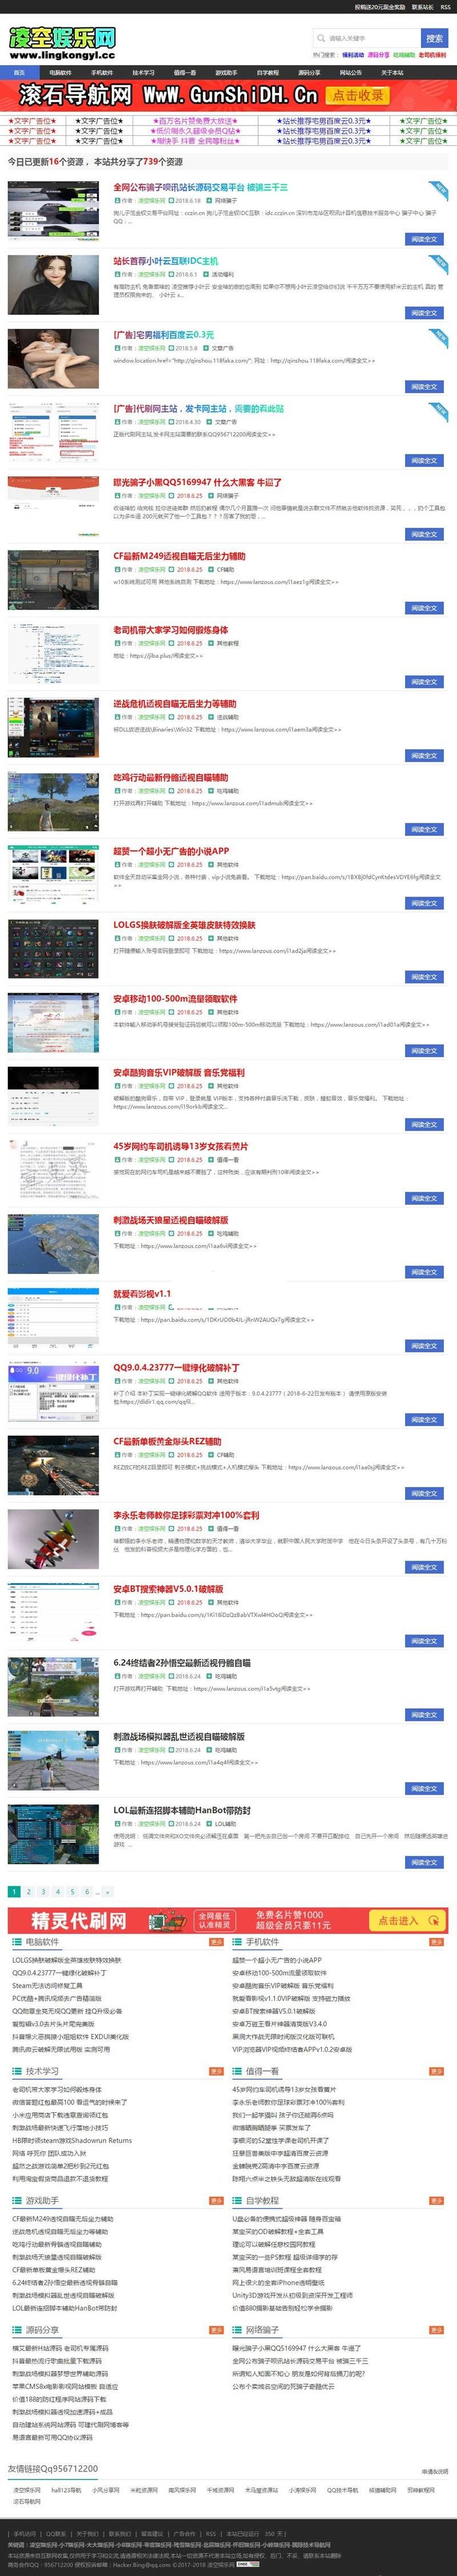 仿凌空娱乐网 带全站700+文章数据 PHP资讯博客网站源码